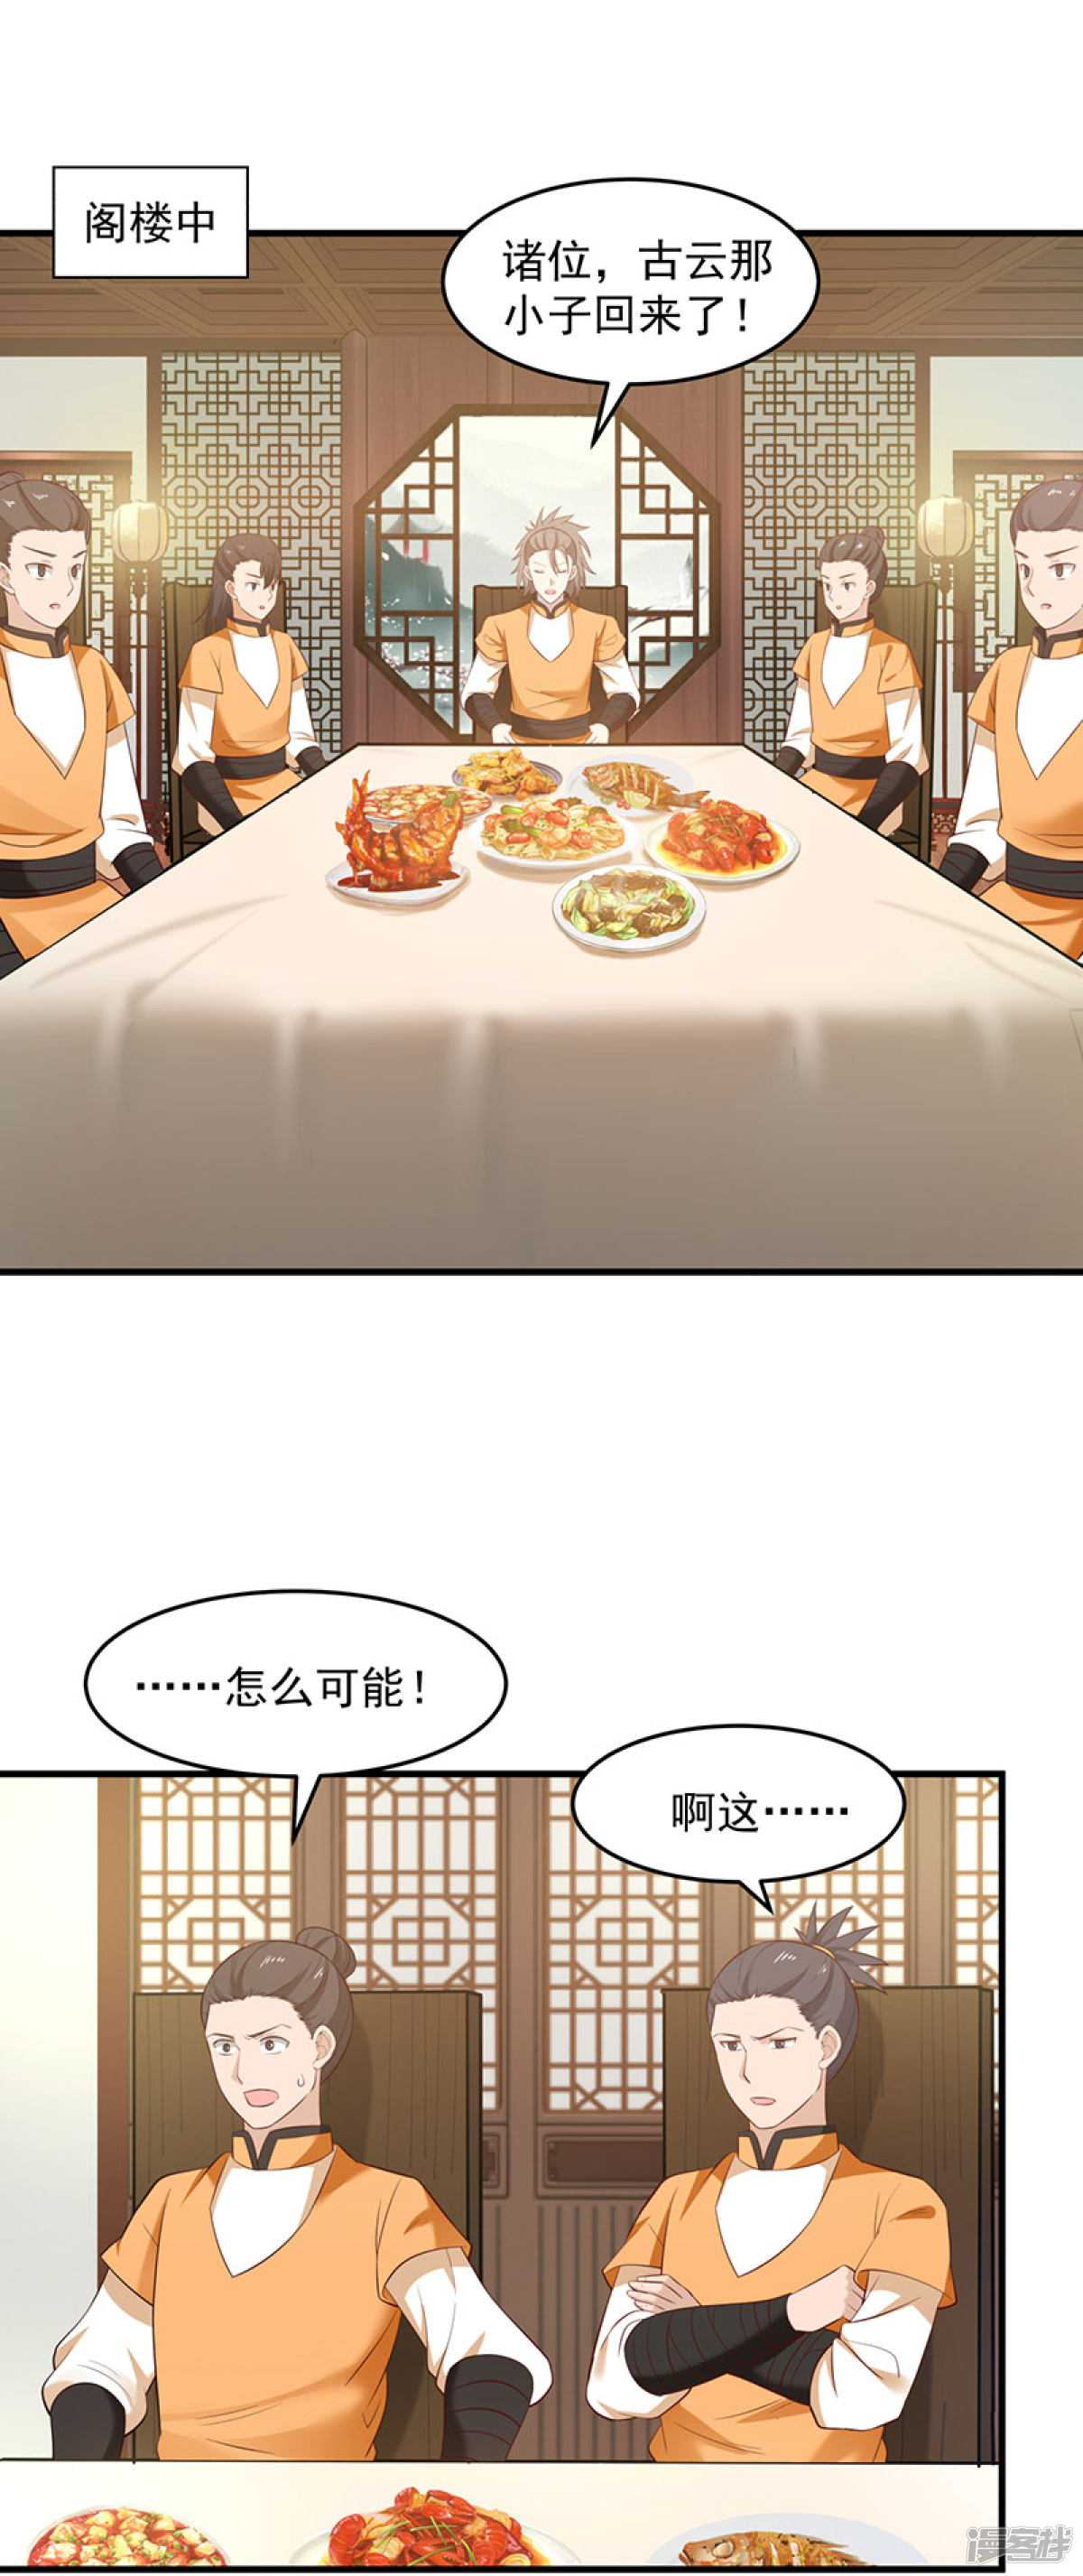 【漫画更新】《混沌丹神》总92~93话-小柚妹站